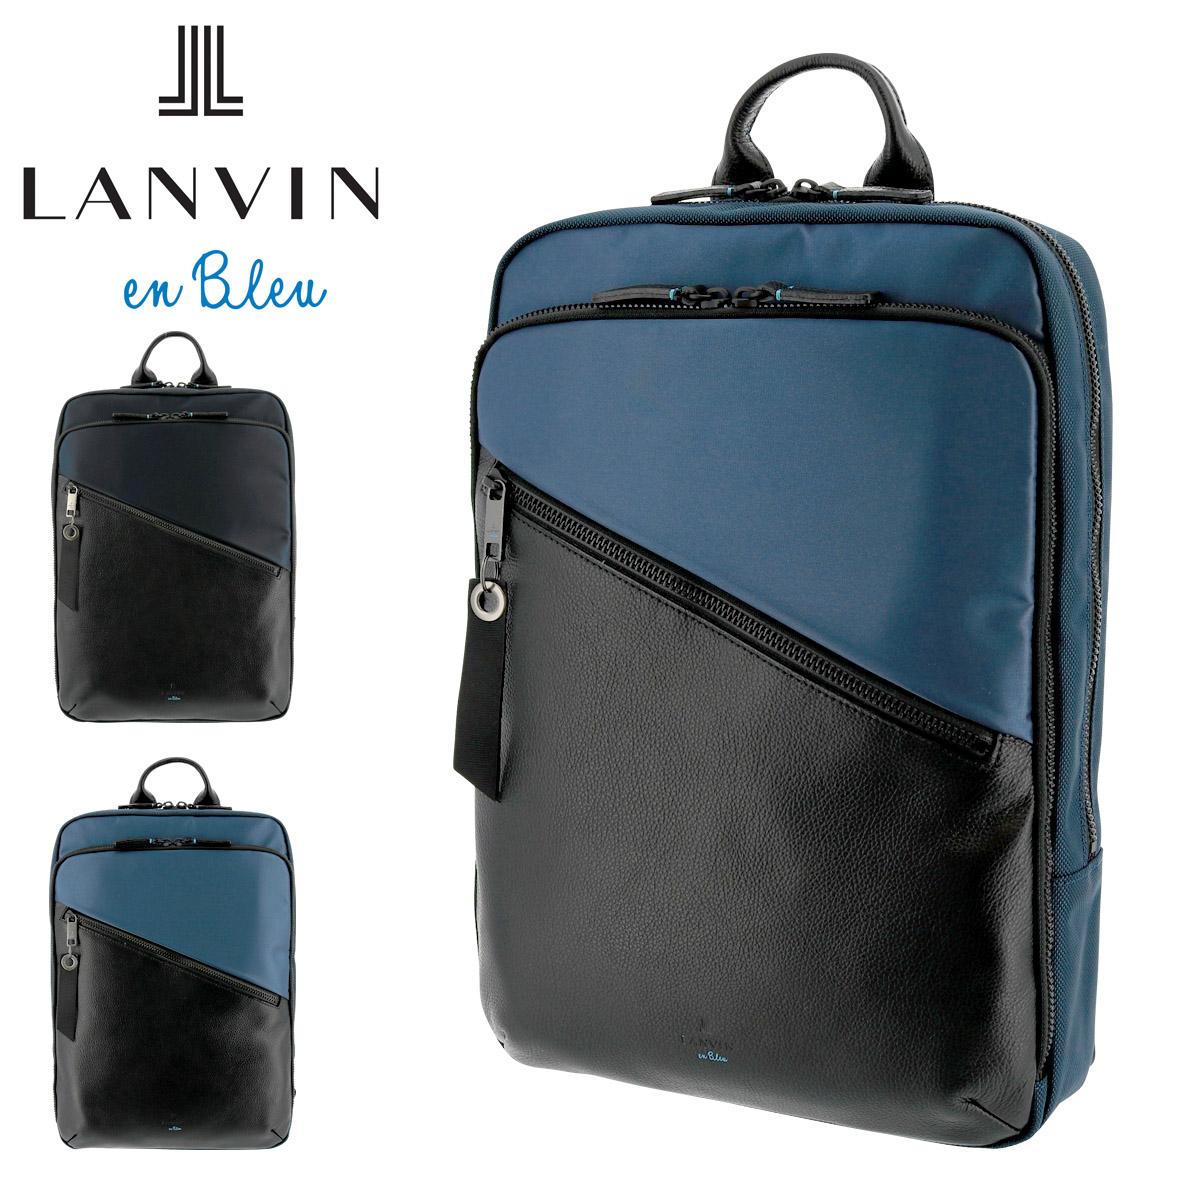 ランバンオンブルー リュック フェリックス メンズ 564722 日本製 LANVIN en Bleu   リュックサック バックパック スクエア ナイロン 牛革 本革 レザー[bef][PO10]